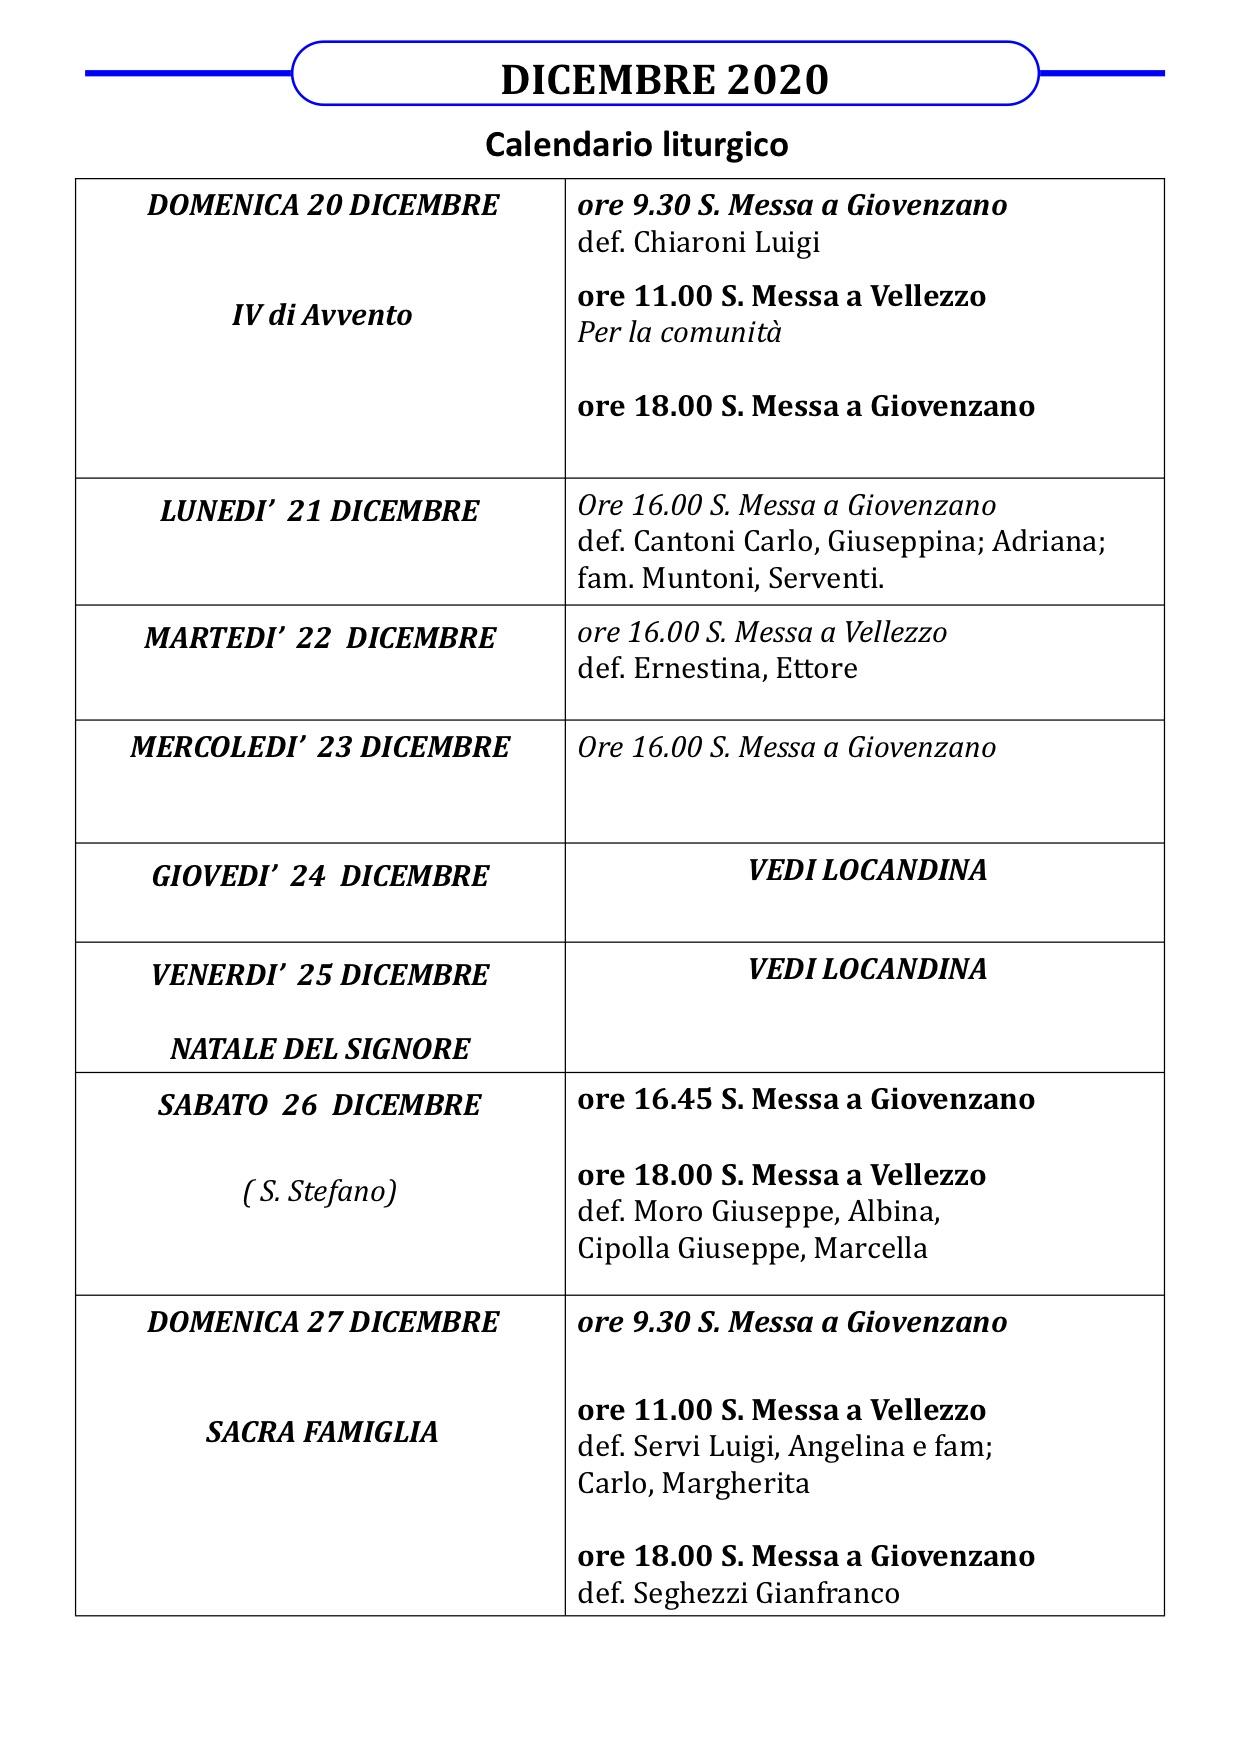 Calendario Liturgico dal 20 al 27 dicembre